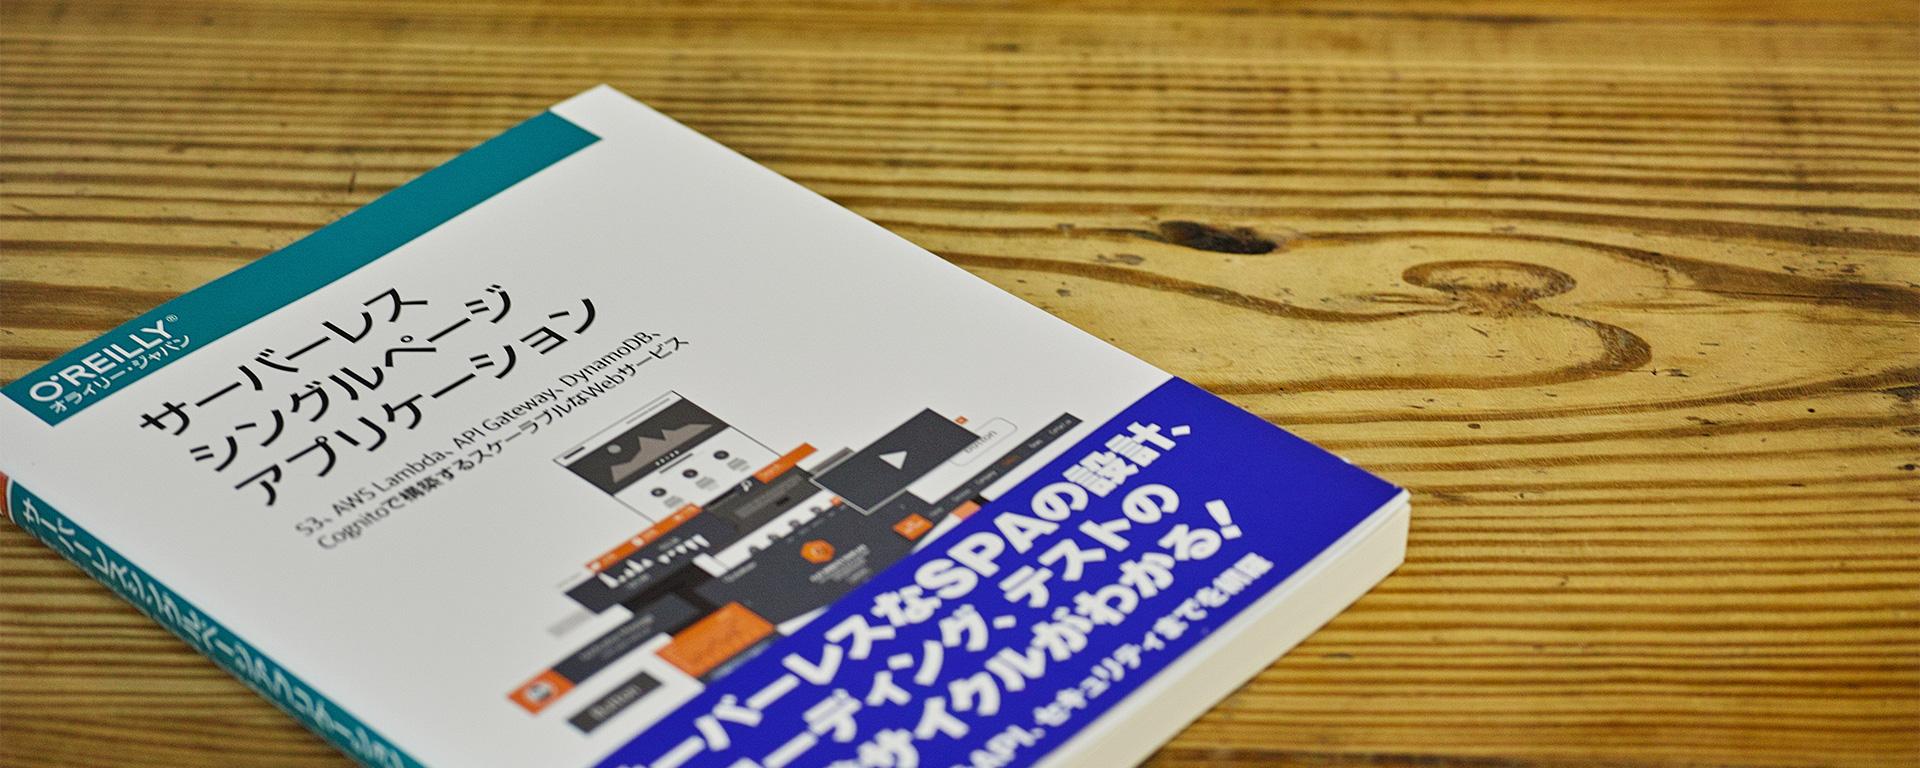 【書評】サーバーレスシングルページアプリケーション